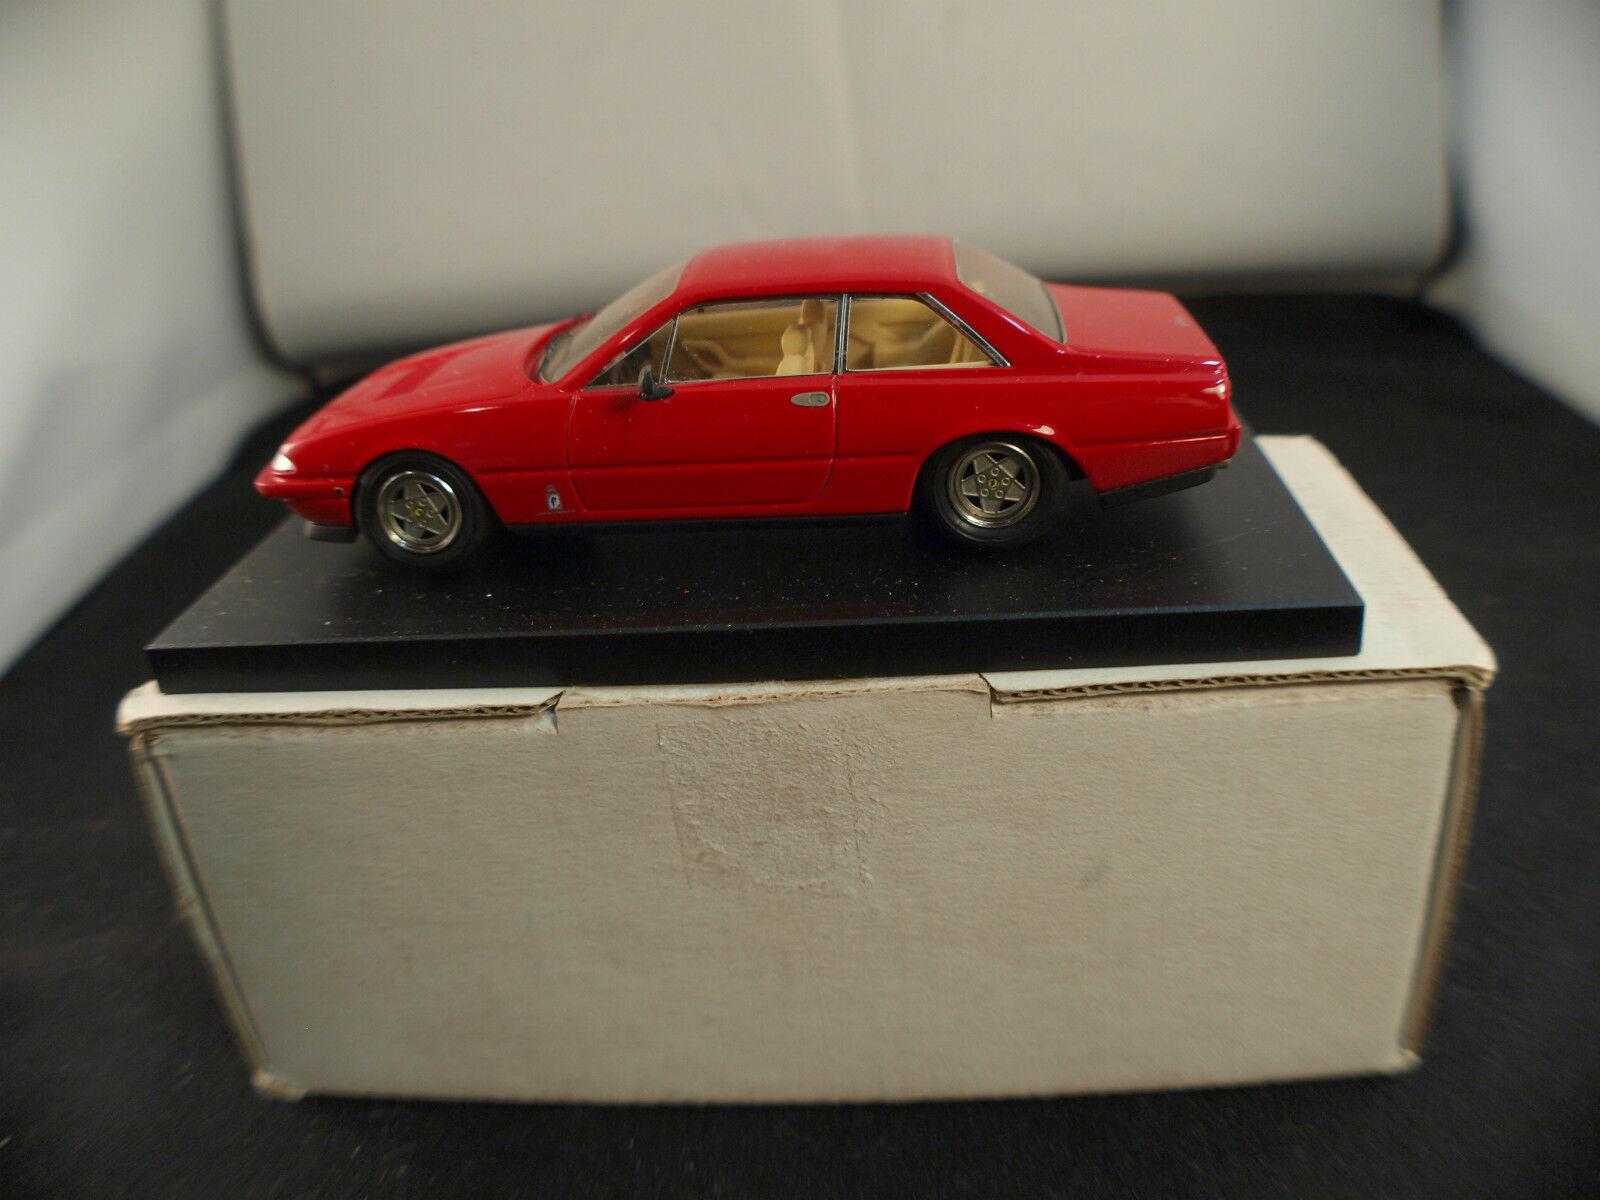 Heco Modelli F N.174 Ferrari 412 Nuovo in Scatola Magnifica Rara 1 43